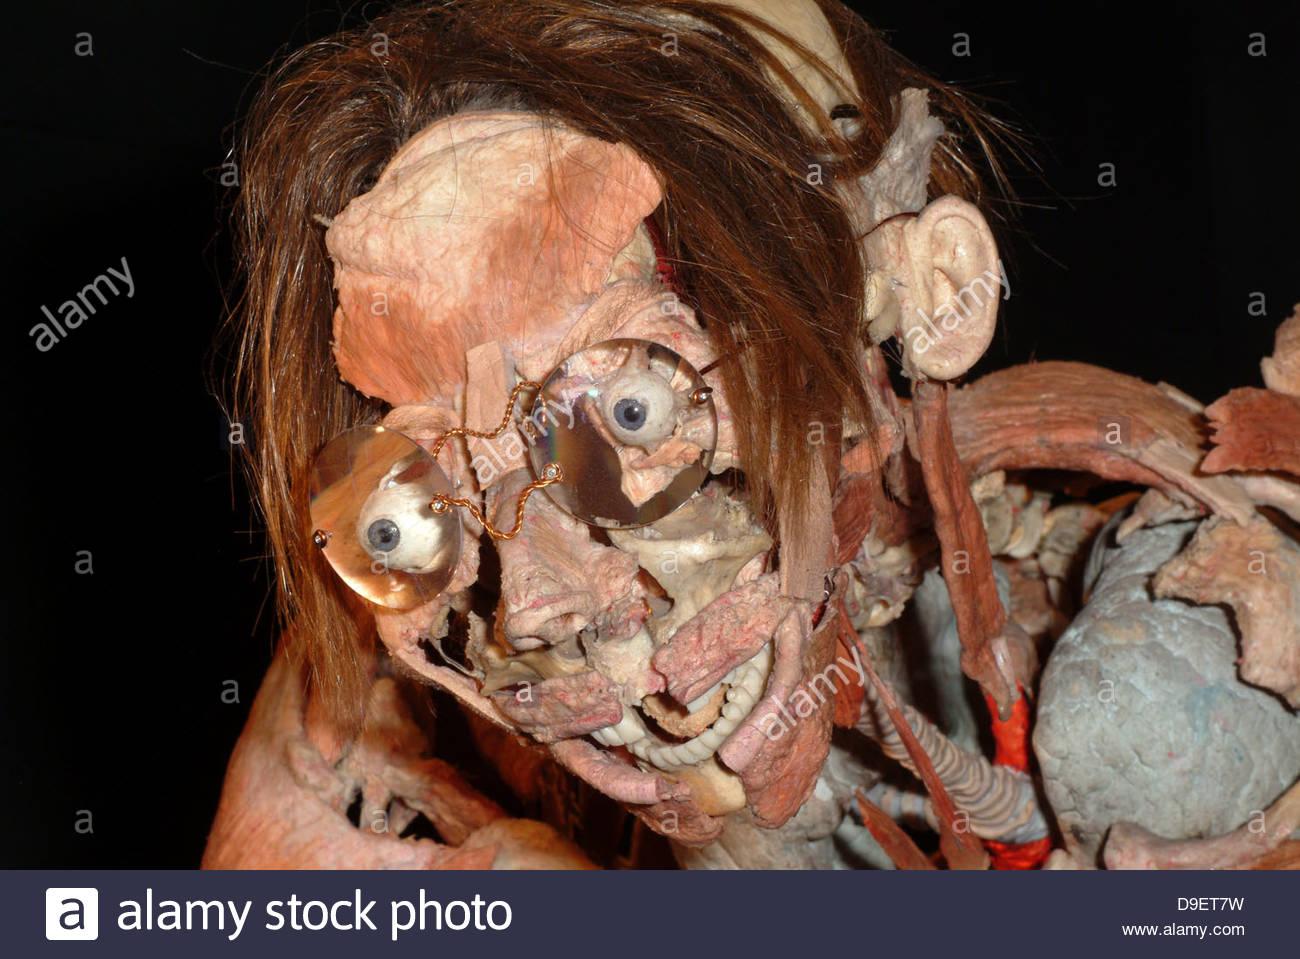 Anatomical Anatomy Artistic Artwork Autopsy Bodies Body Body Art Stock Photo Alamy